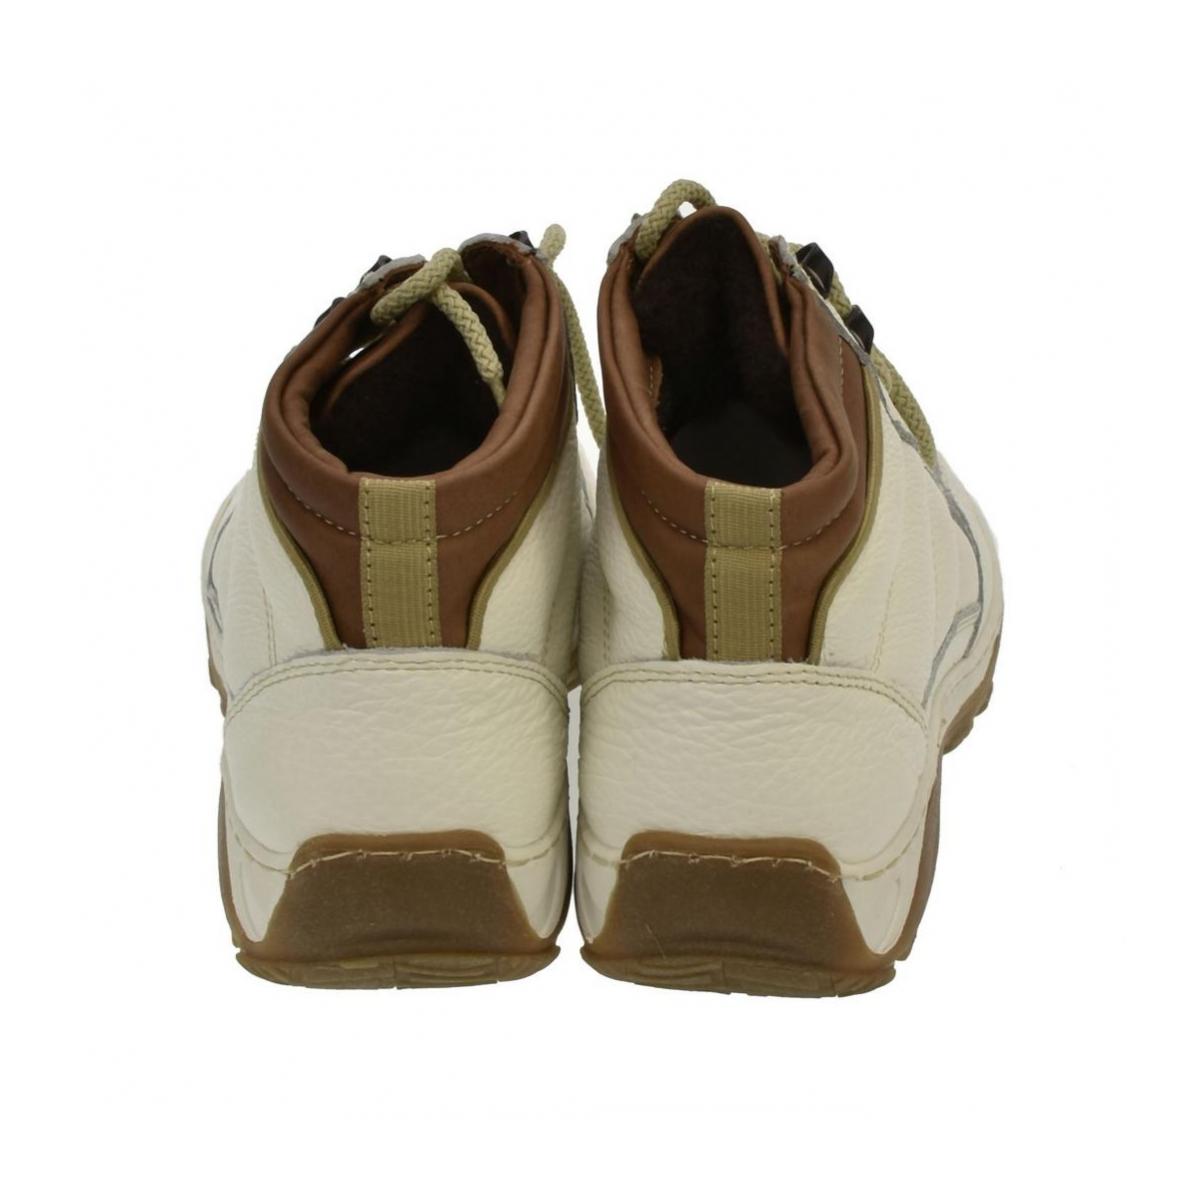 Dámske biele kožené topánky CANA - 3 346d8bae47f